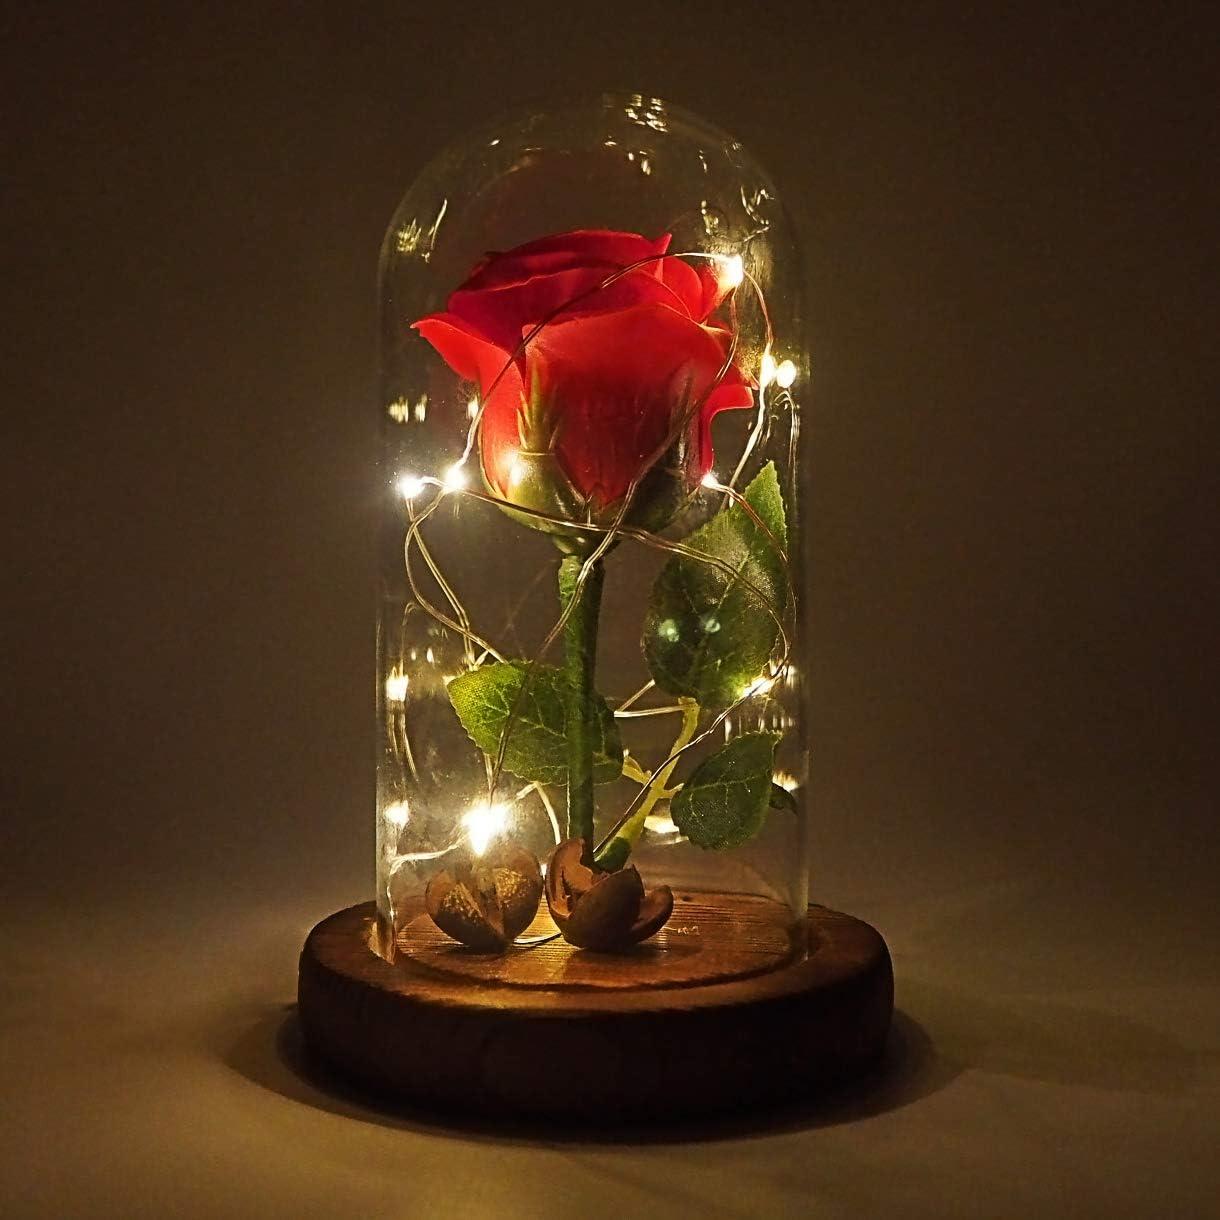 Jieway - Rosa de La Bella y la Bestia, Rosa en una cúpula de cristal con luces LED USB, Base de madera, regalo para el día de San Valentín o bodas, madera, Rojo